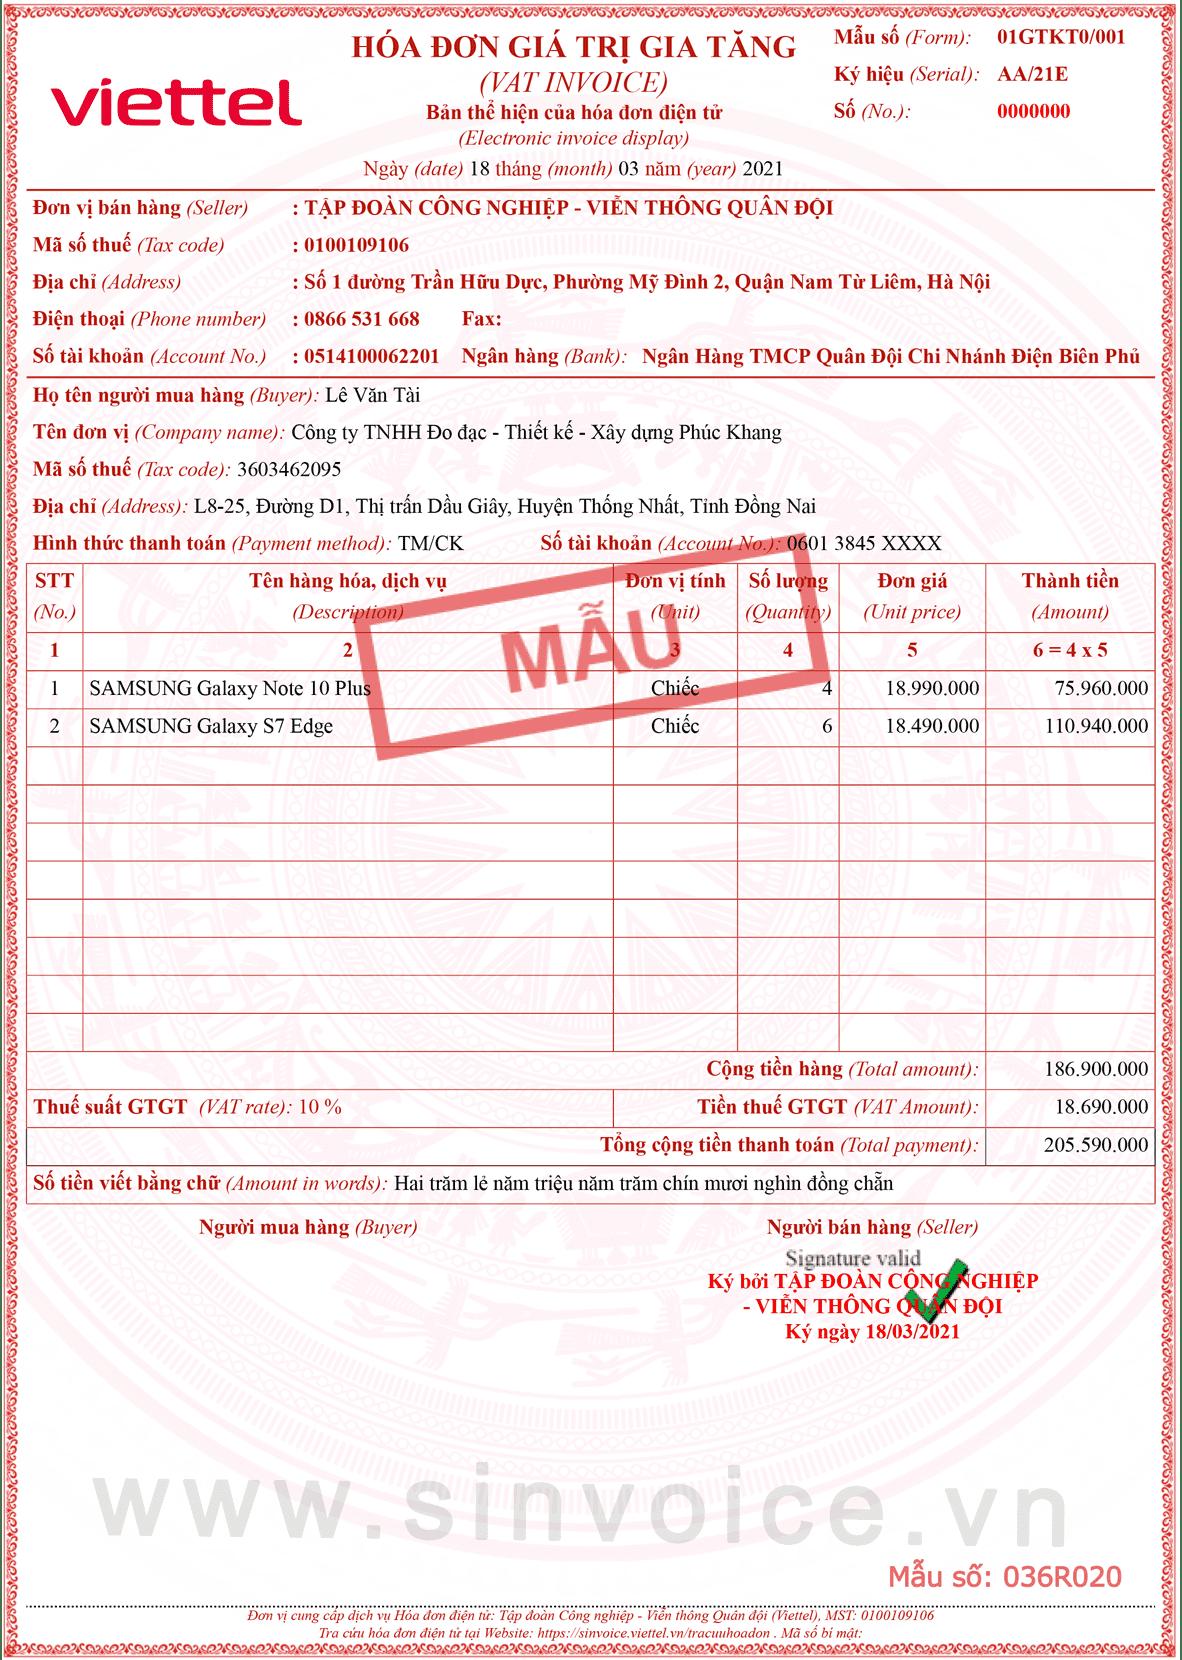 Mẫu hóa đơn điện tử số 036R020